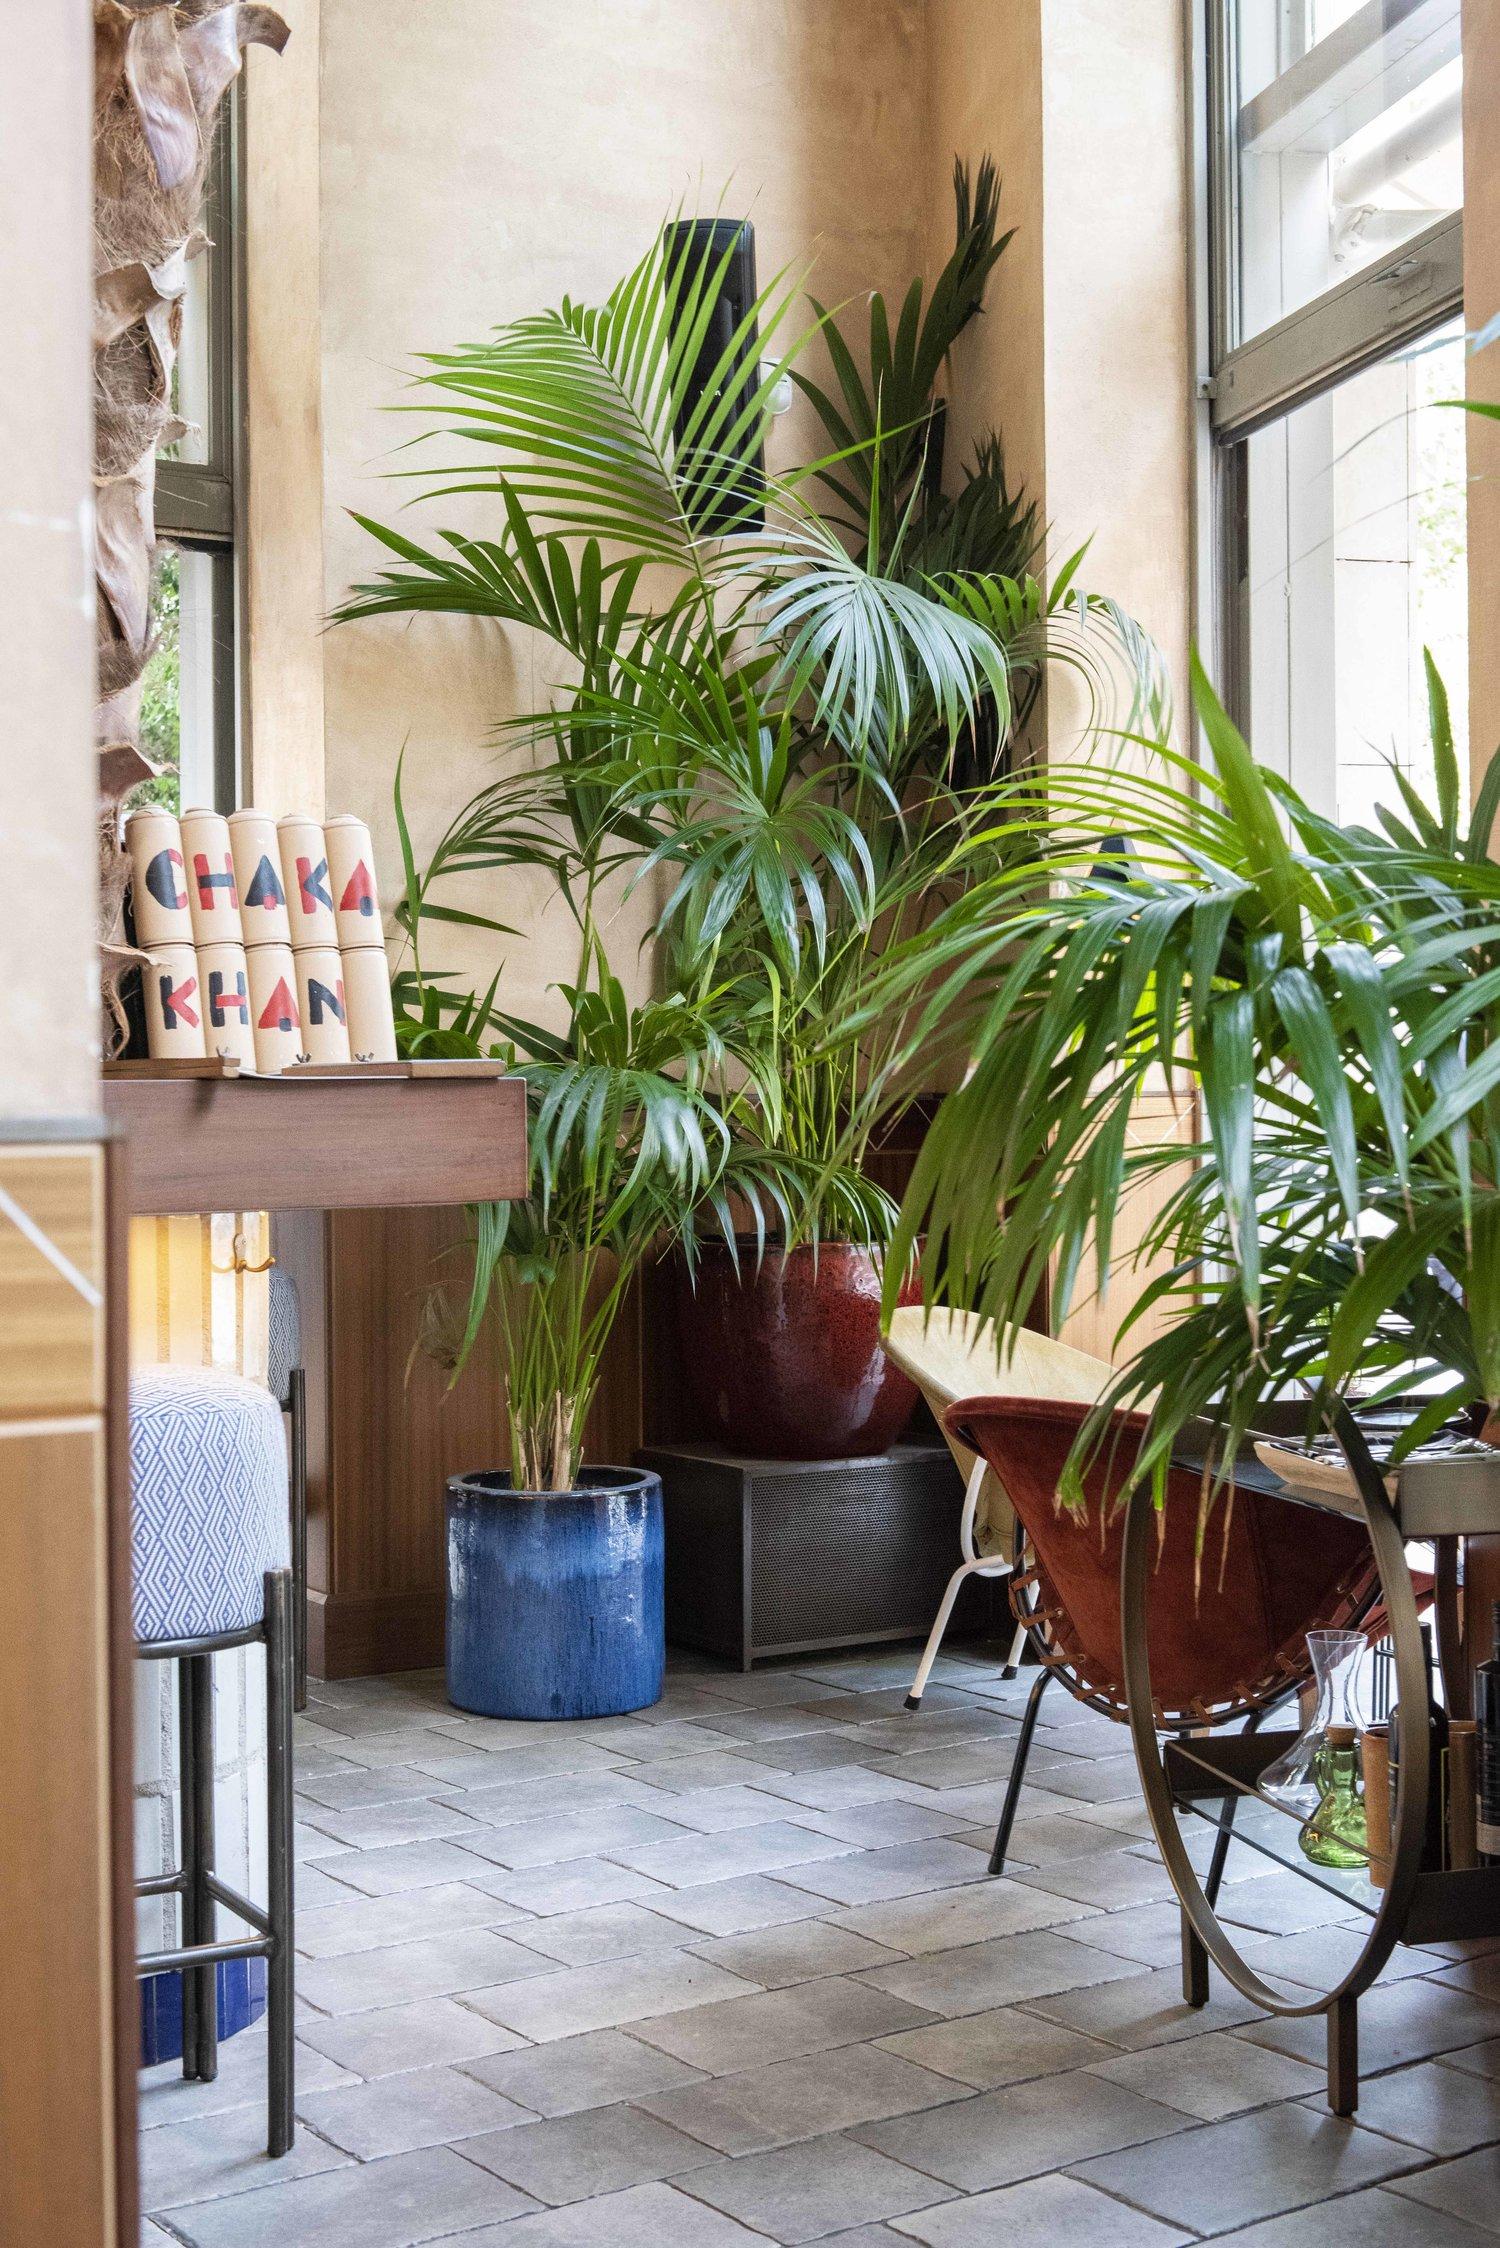 Chaka Khan, Barcelona. Photo © Barcelona Food Experience.